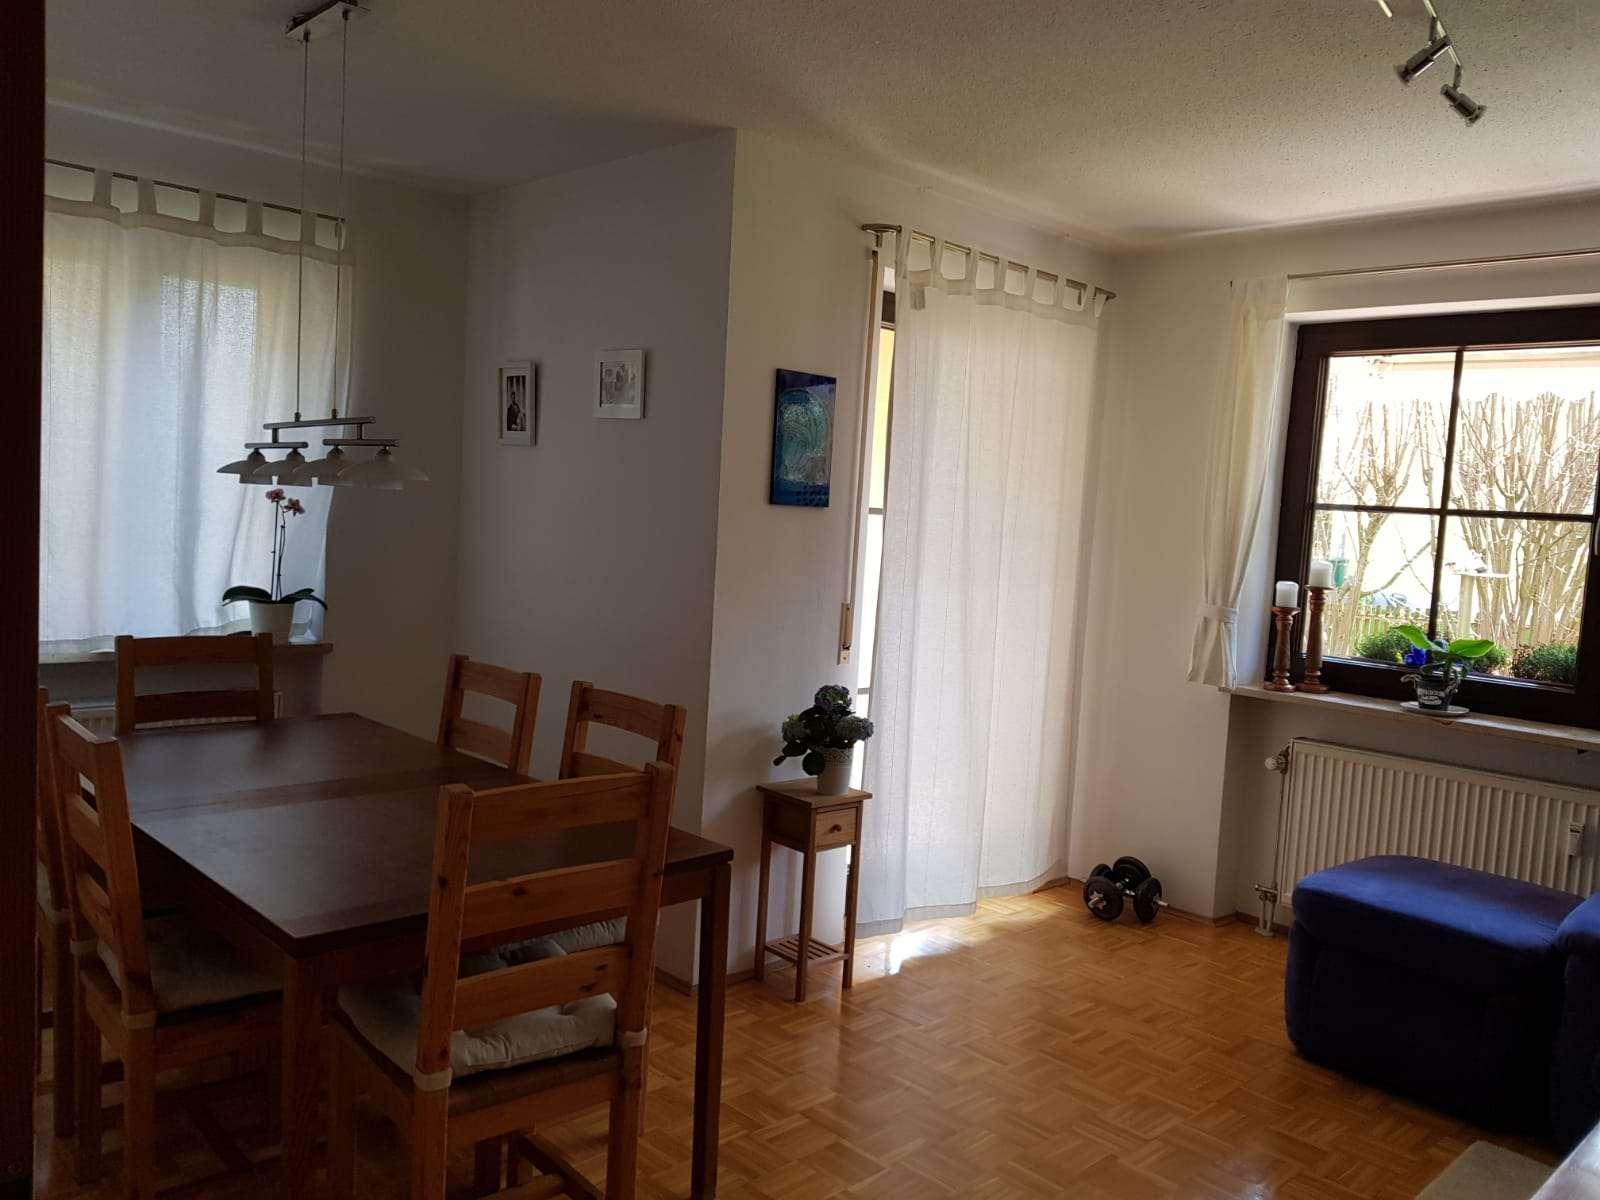 Gepflegte EG-Wohnung mit drei Zimmern sowie Terrasse und Einbauküche in Lappersdorf in